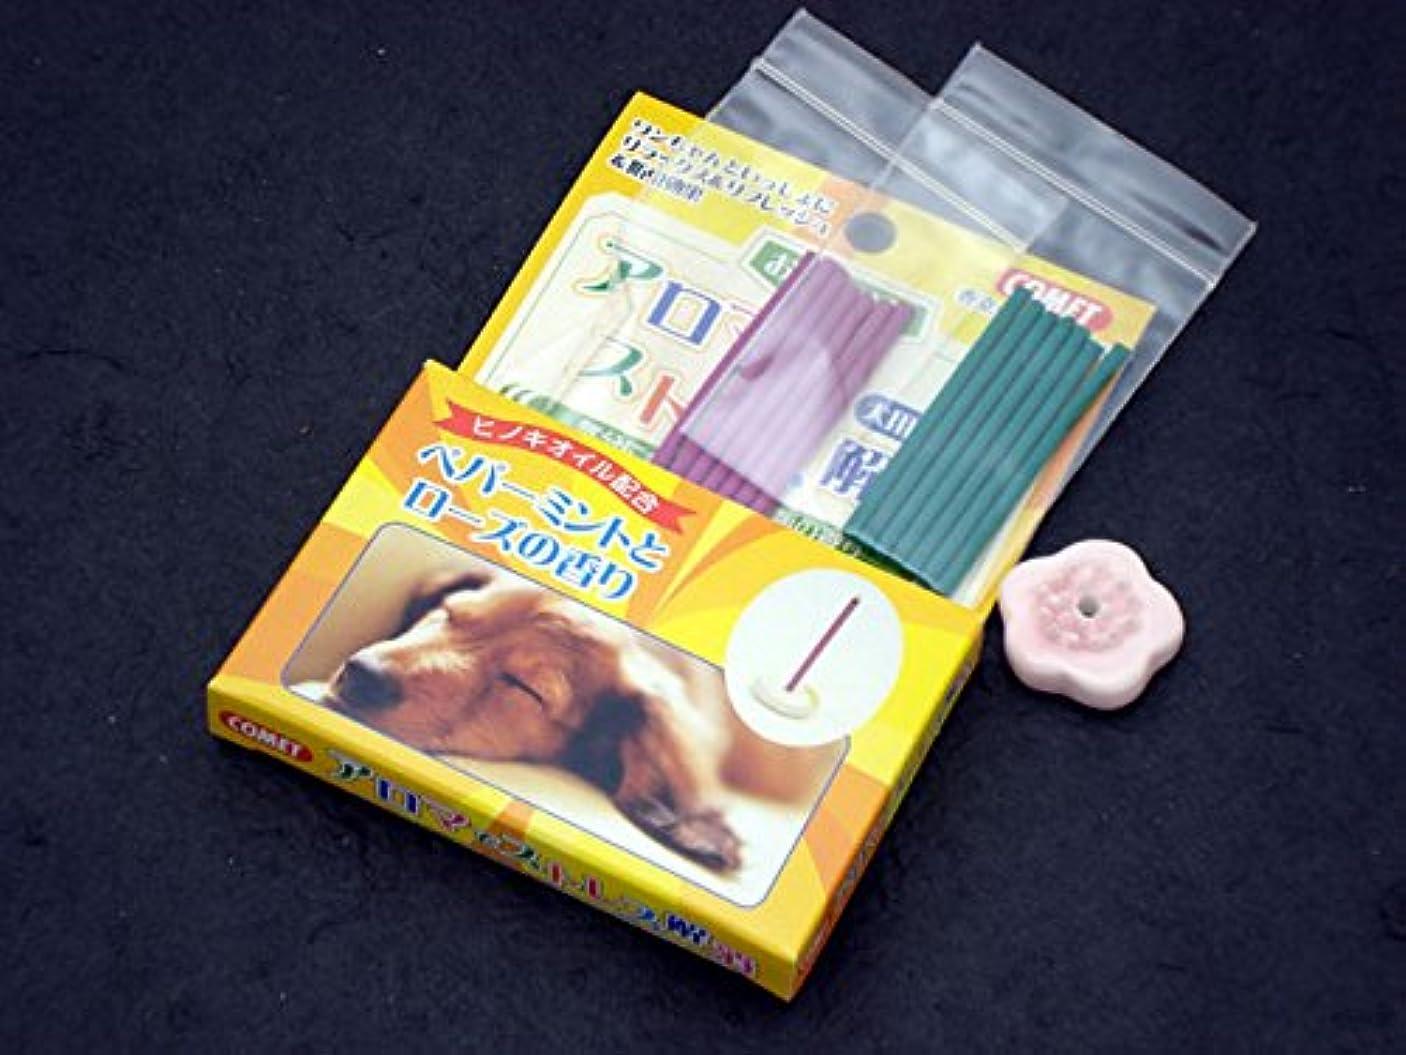 絶縁する衝動口ひげ犬用お香 アロマでストレス解消 【スティック】 ペット用